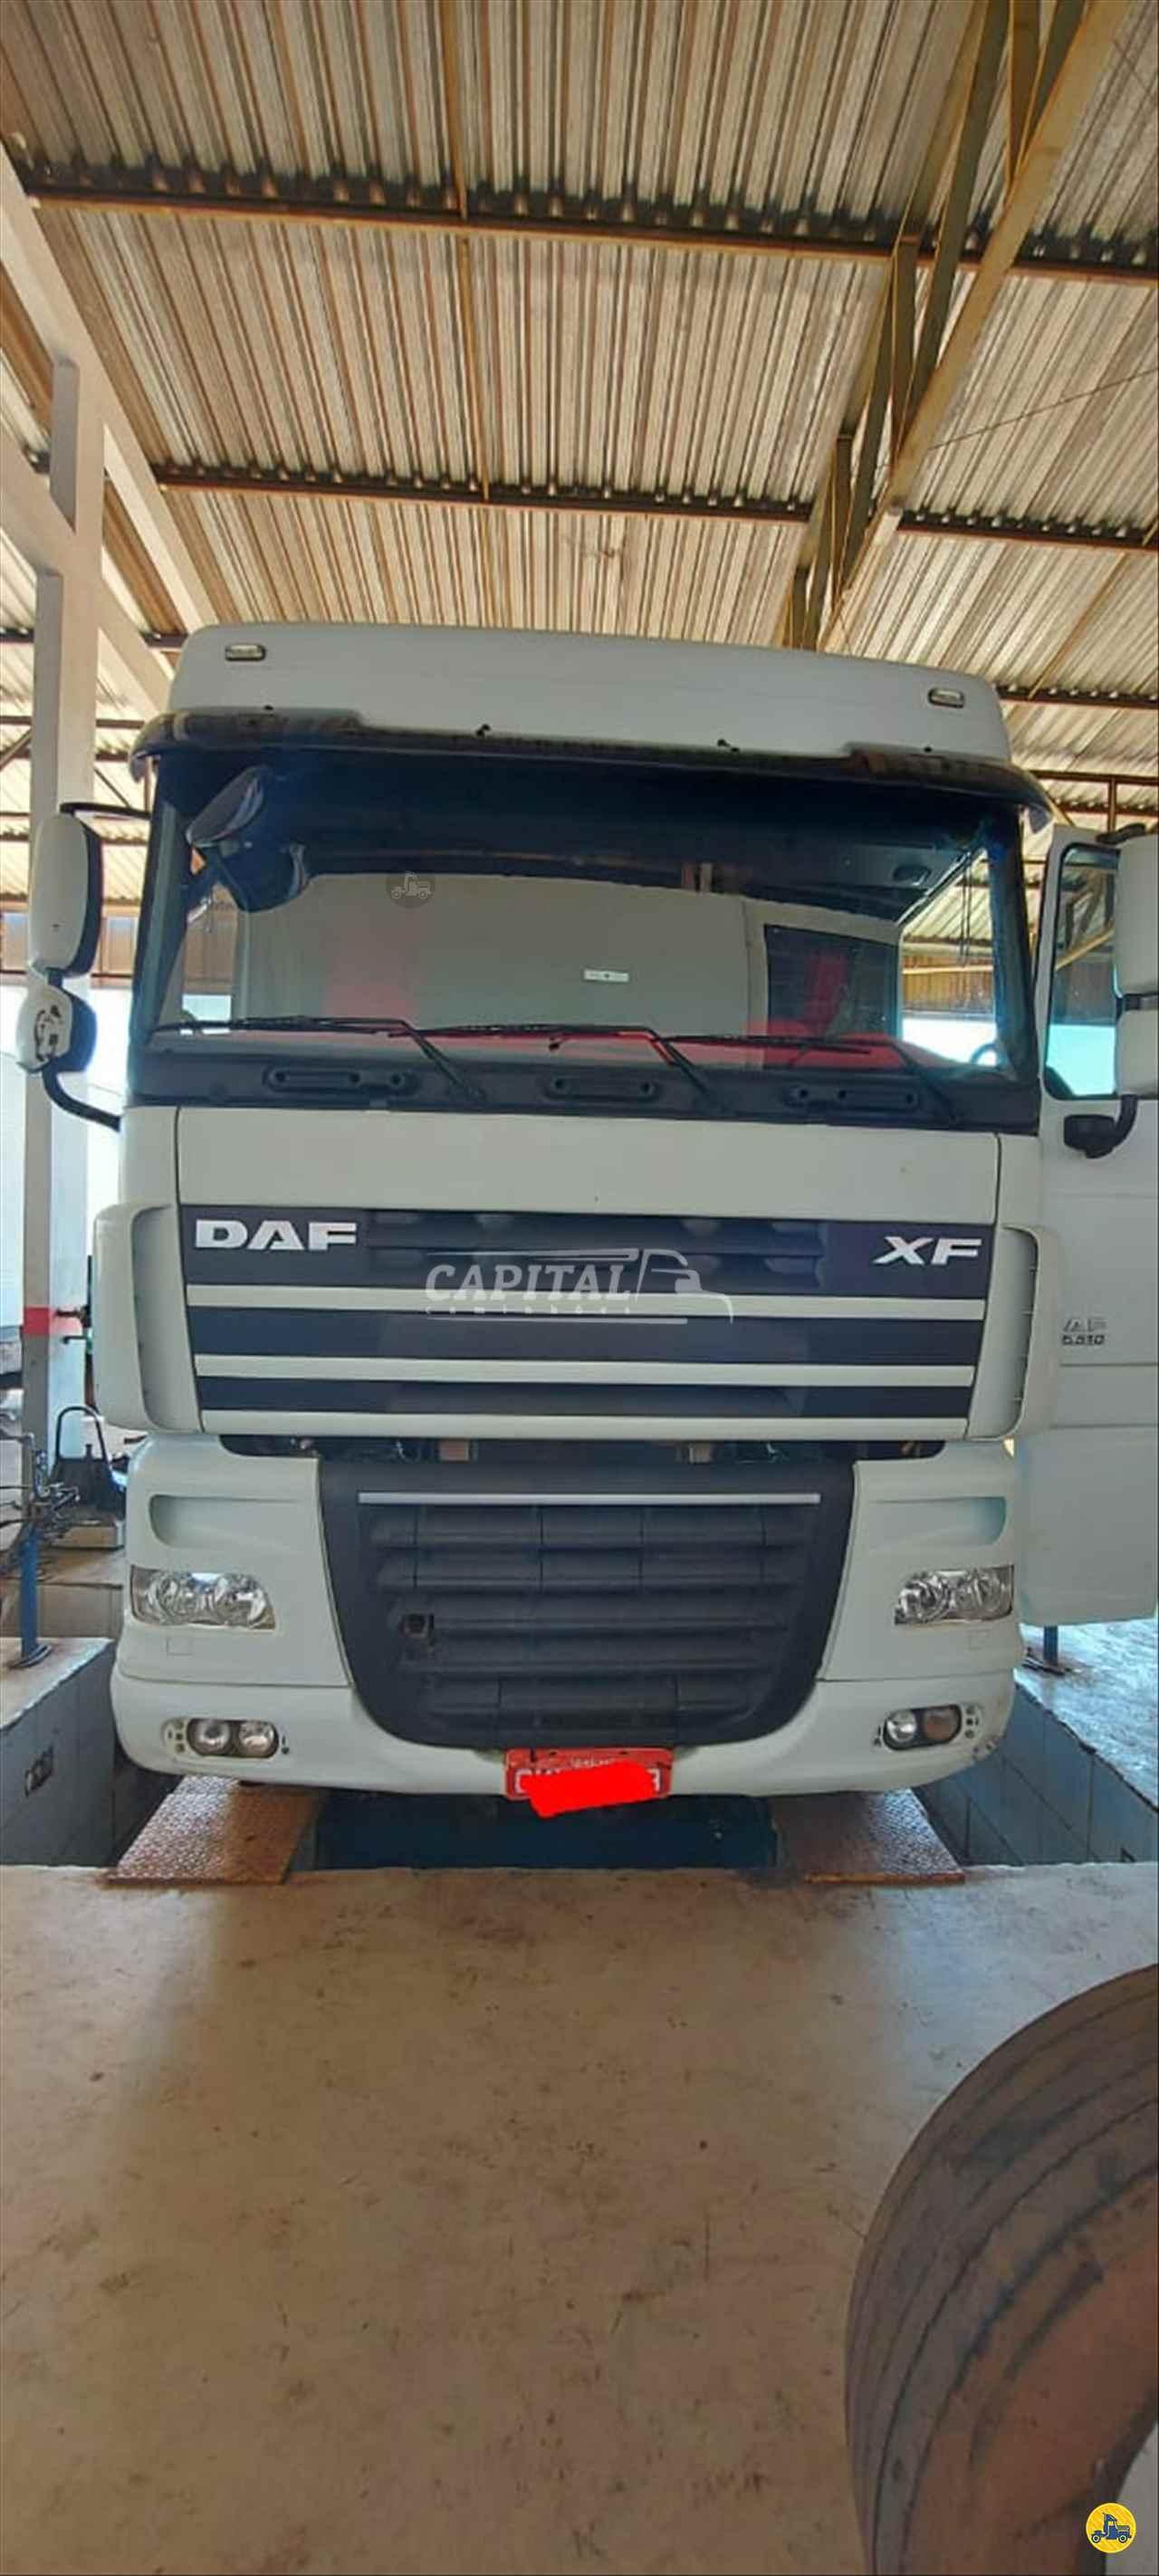 CAMINHAO DAF DAF XF105 510 Cavalo Mecânico Traçado 6x4 Capital Caminhões - Metalesp e Recrusul  BRASILIA DISTRITO FEDERAL DF